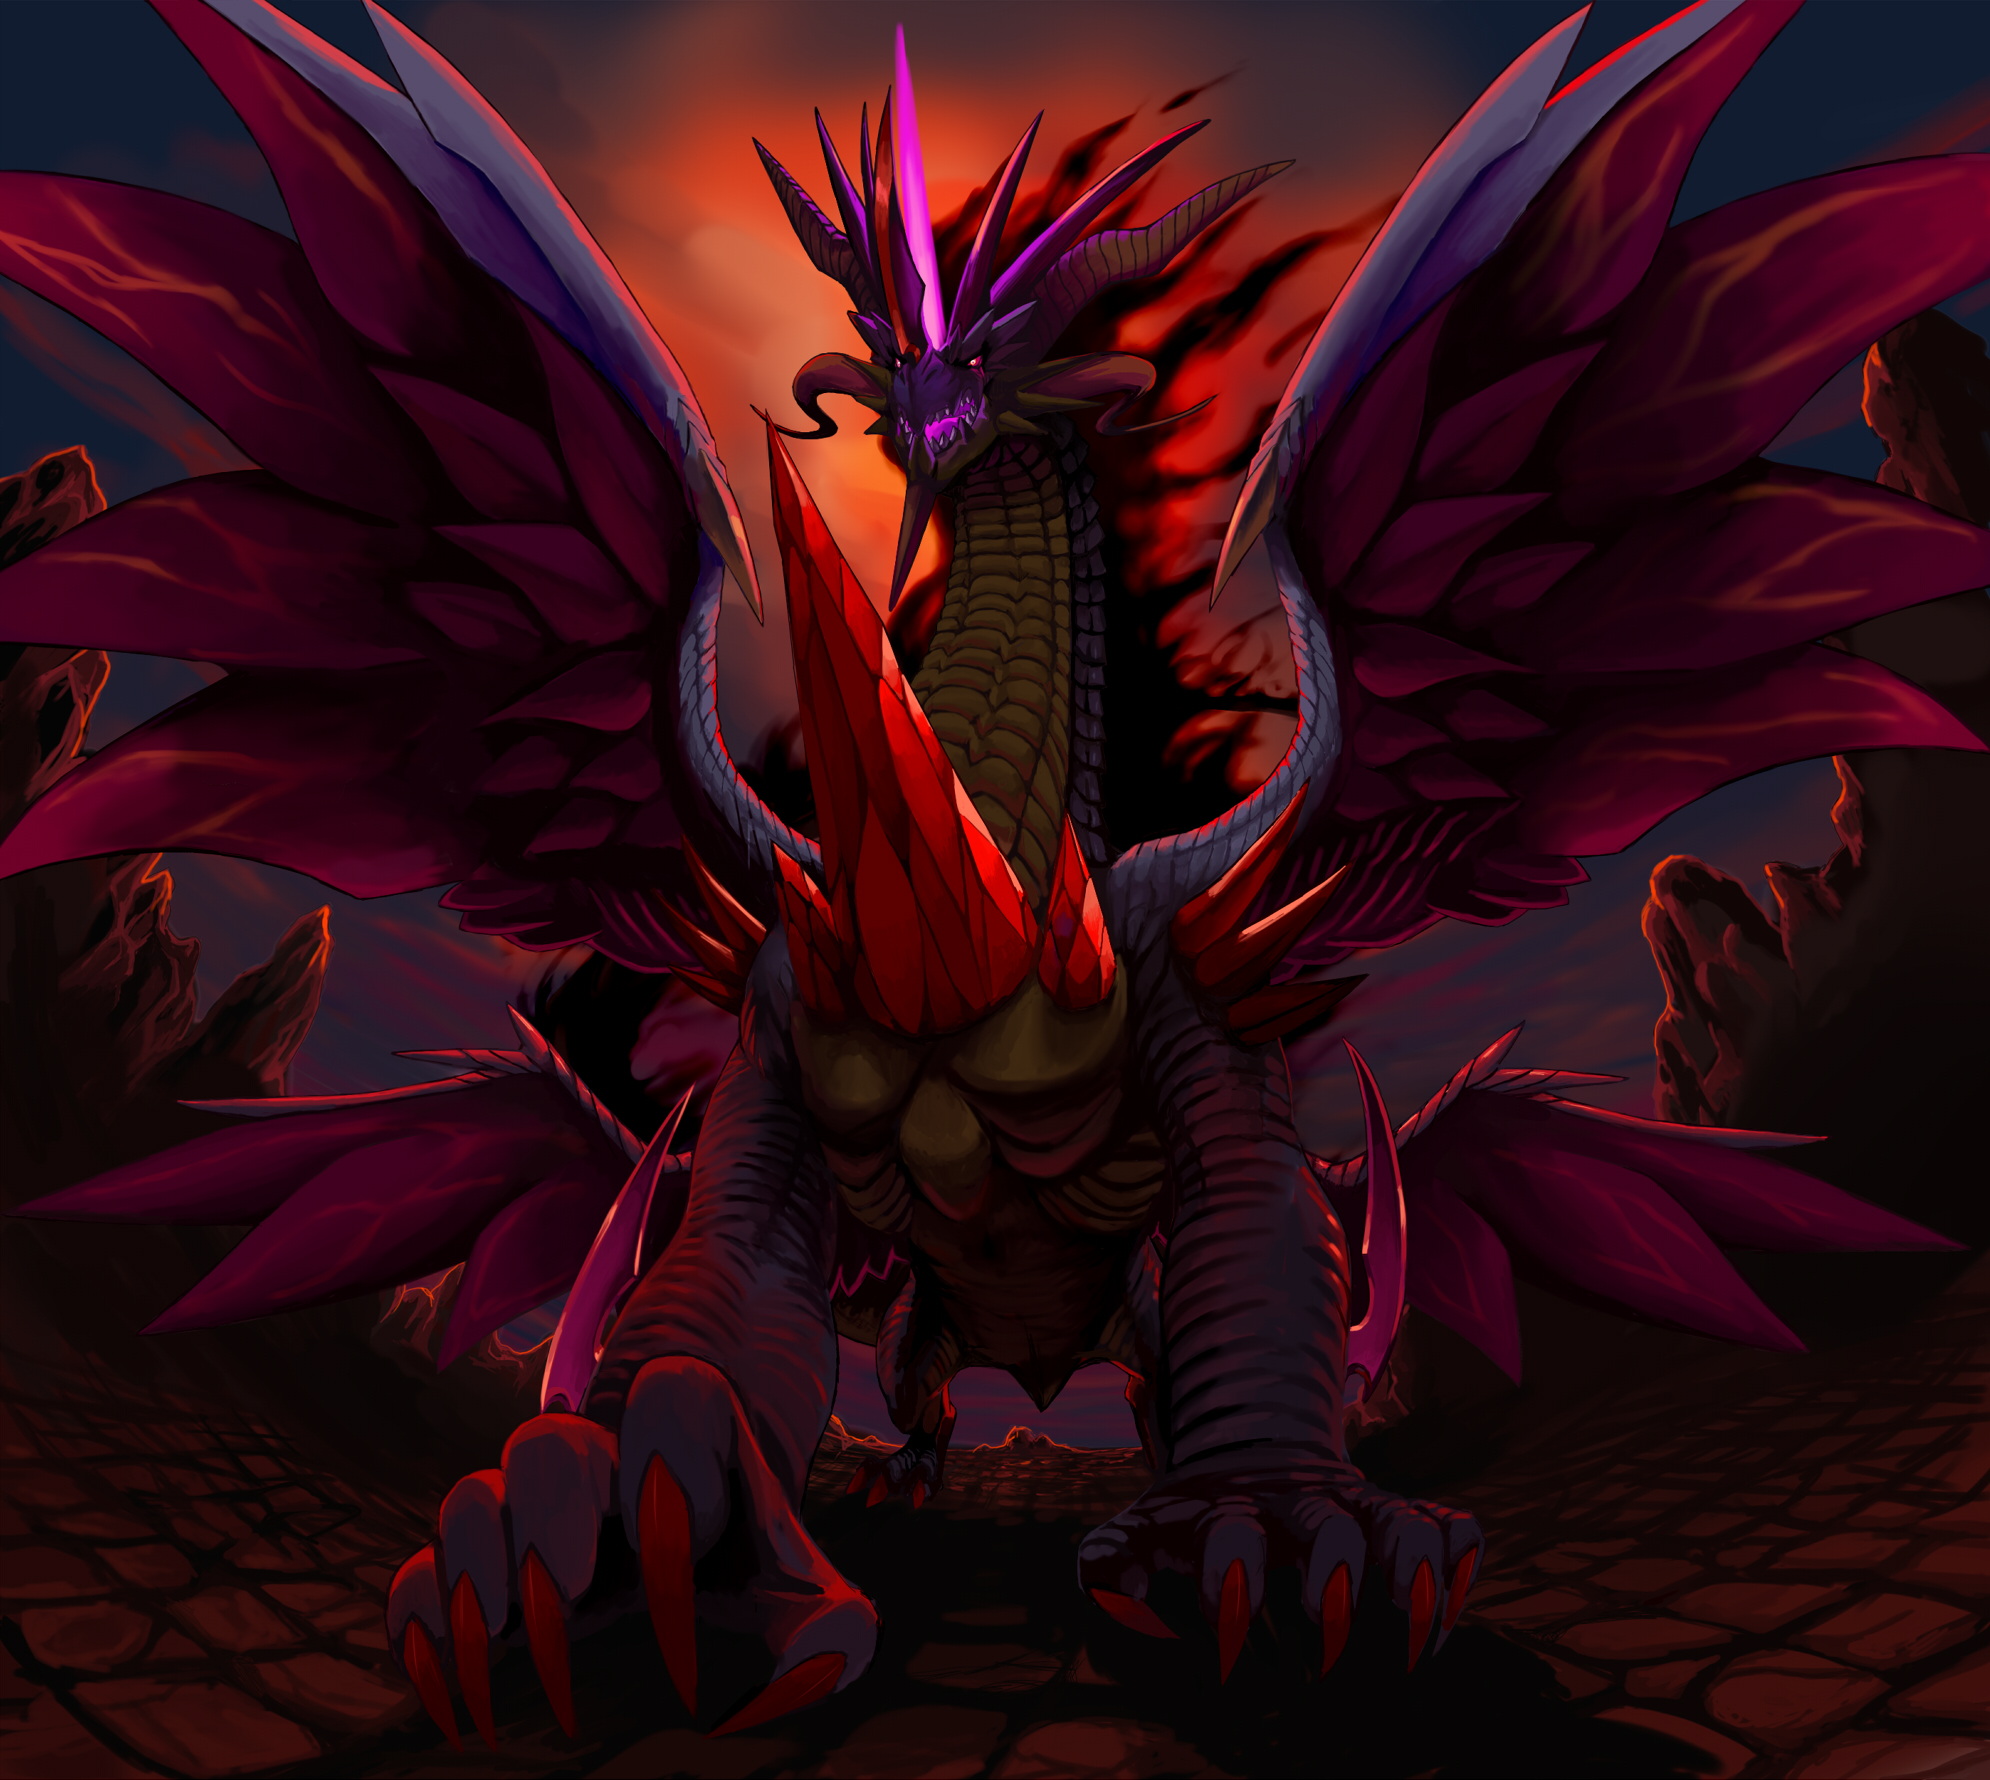 взорвали картинки императорского дракона предельно низкие стандарты